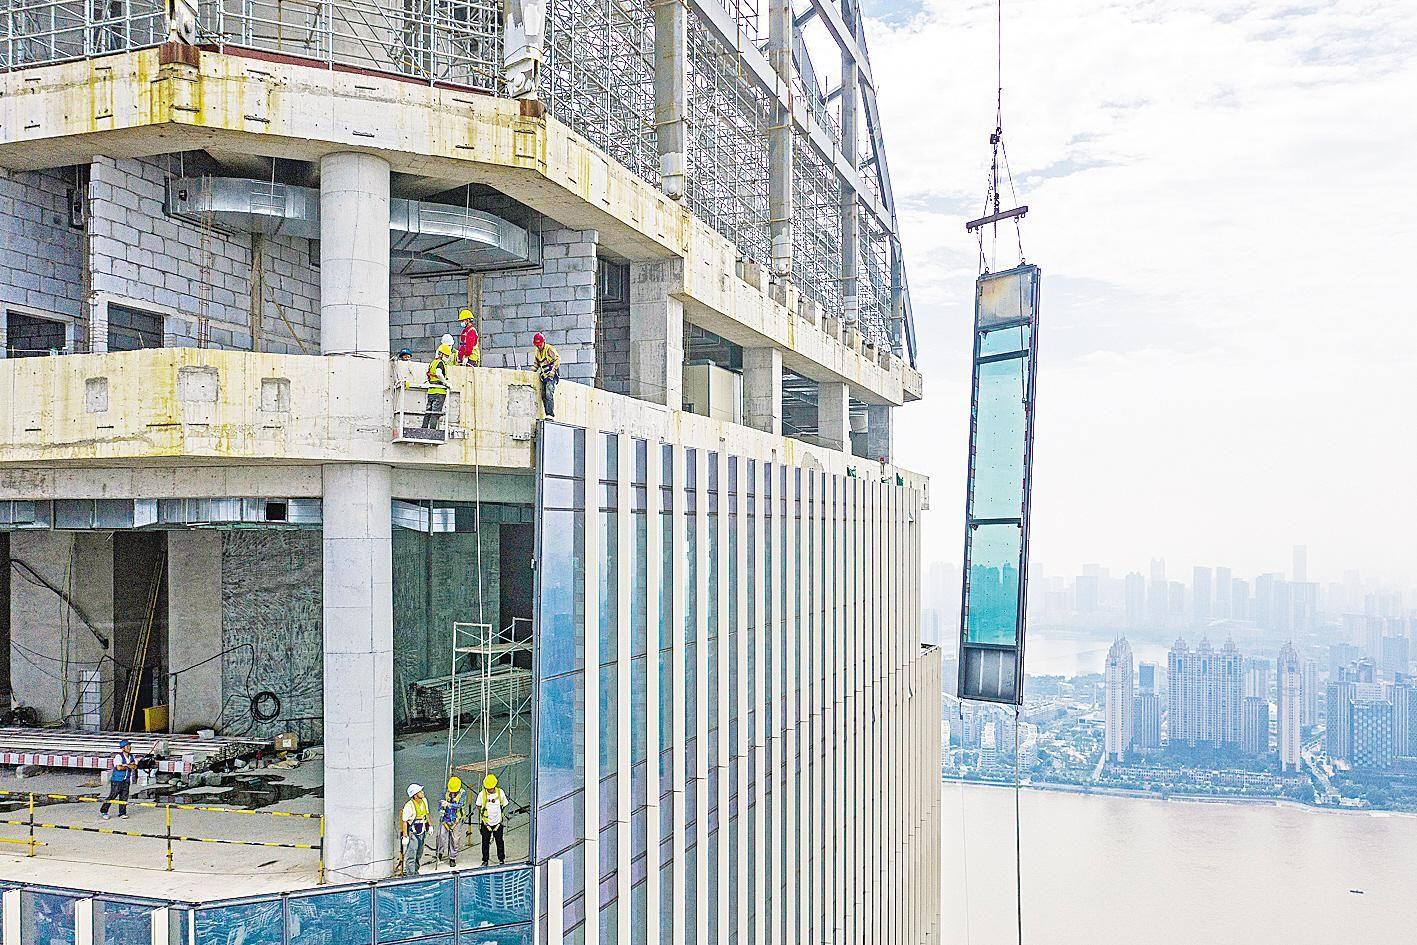 汉口沿江最高建筑加紧建设